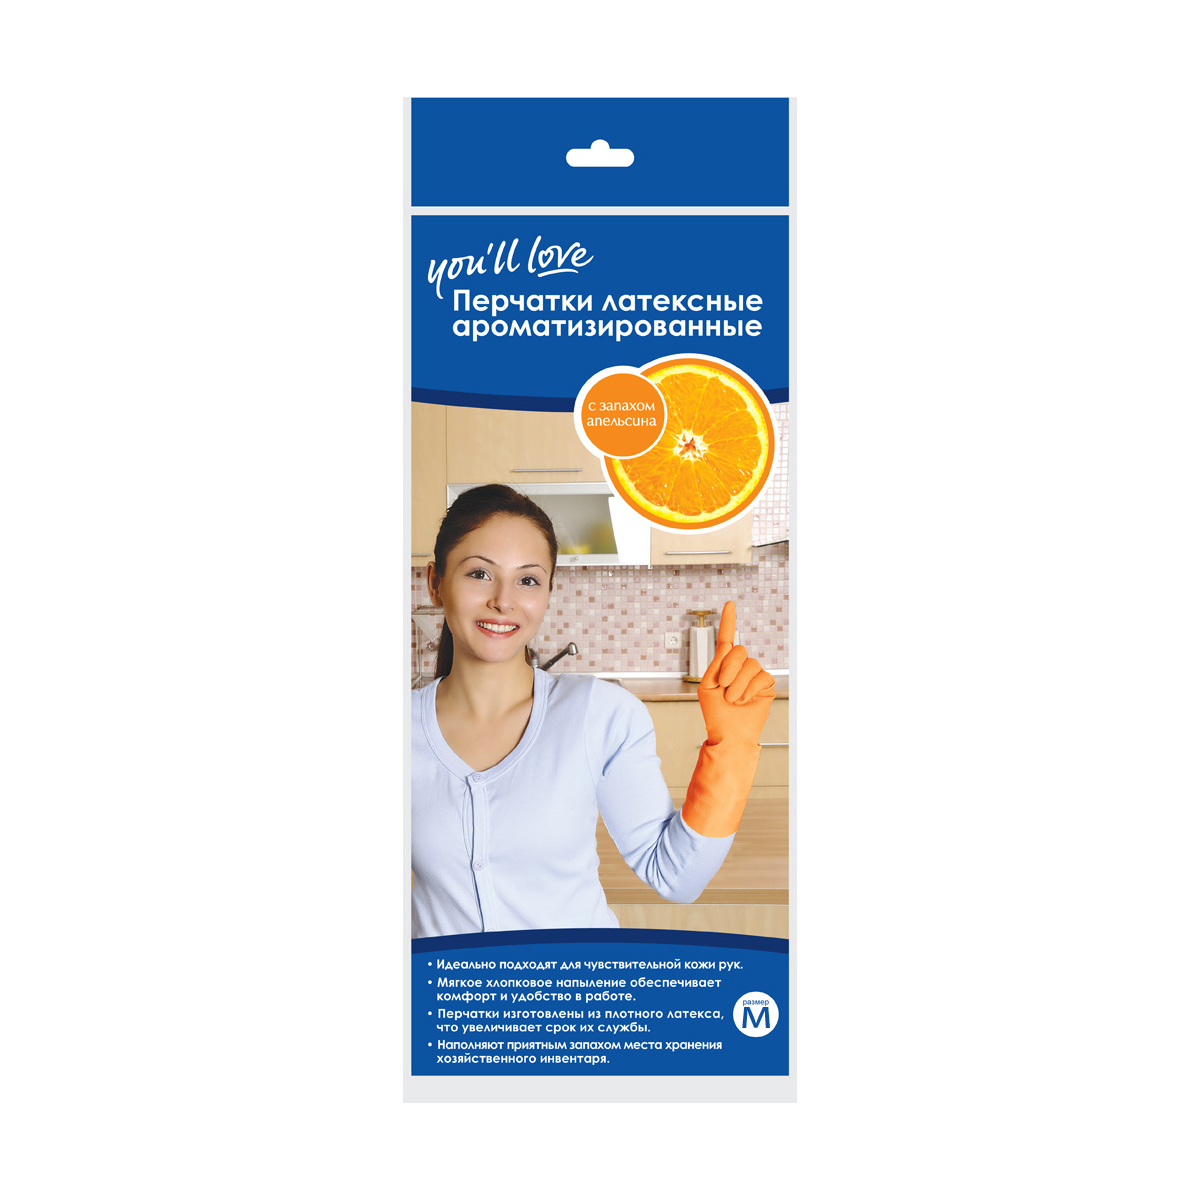 Перчатки латексные ароматизированные Youll love, аромат апельсина. Размер MЕ4801_коралловыйПерчатки латексные ароматизированные Youll love с хлопковым напылением защищают ваши руки от загрязнений, воздействия моющих и чистящих средств. Приятный аромат при использовании и в местах хранения. Плотный латекс увеличивает срок службы перчаток. Рифленая поверхность в области ладони защищает от скольжения.